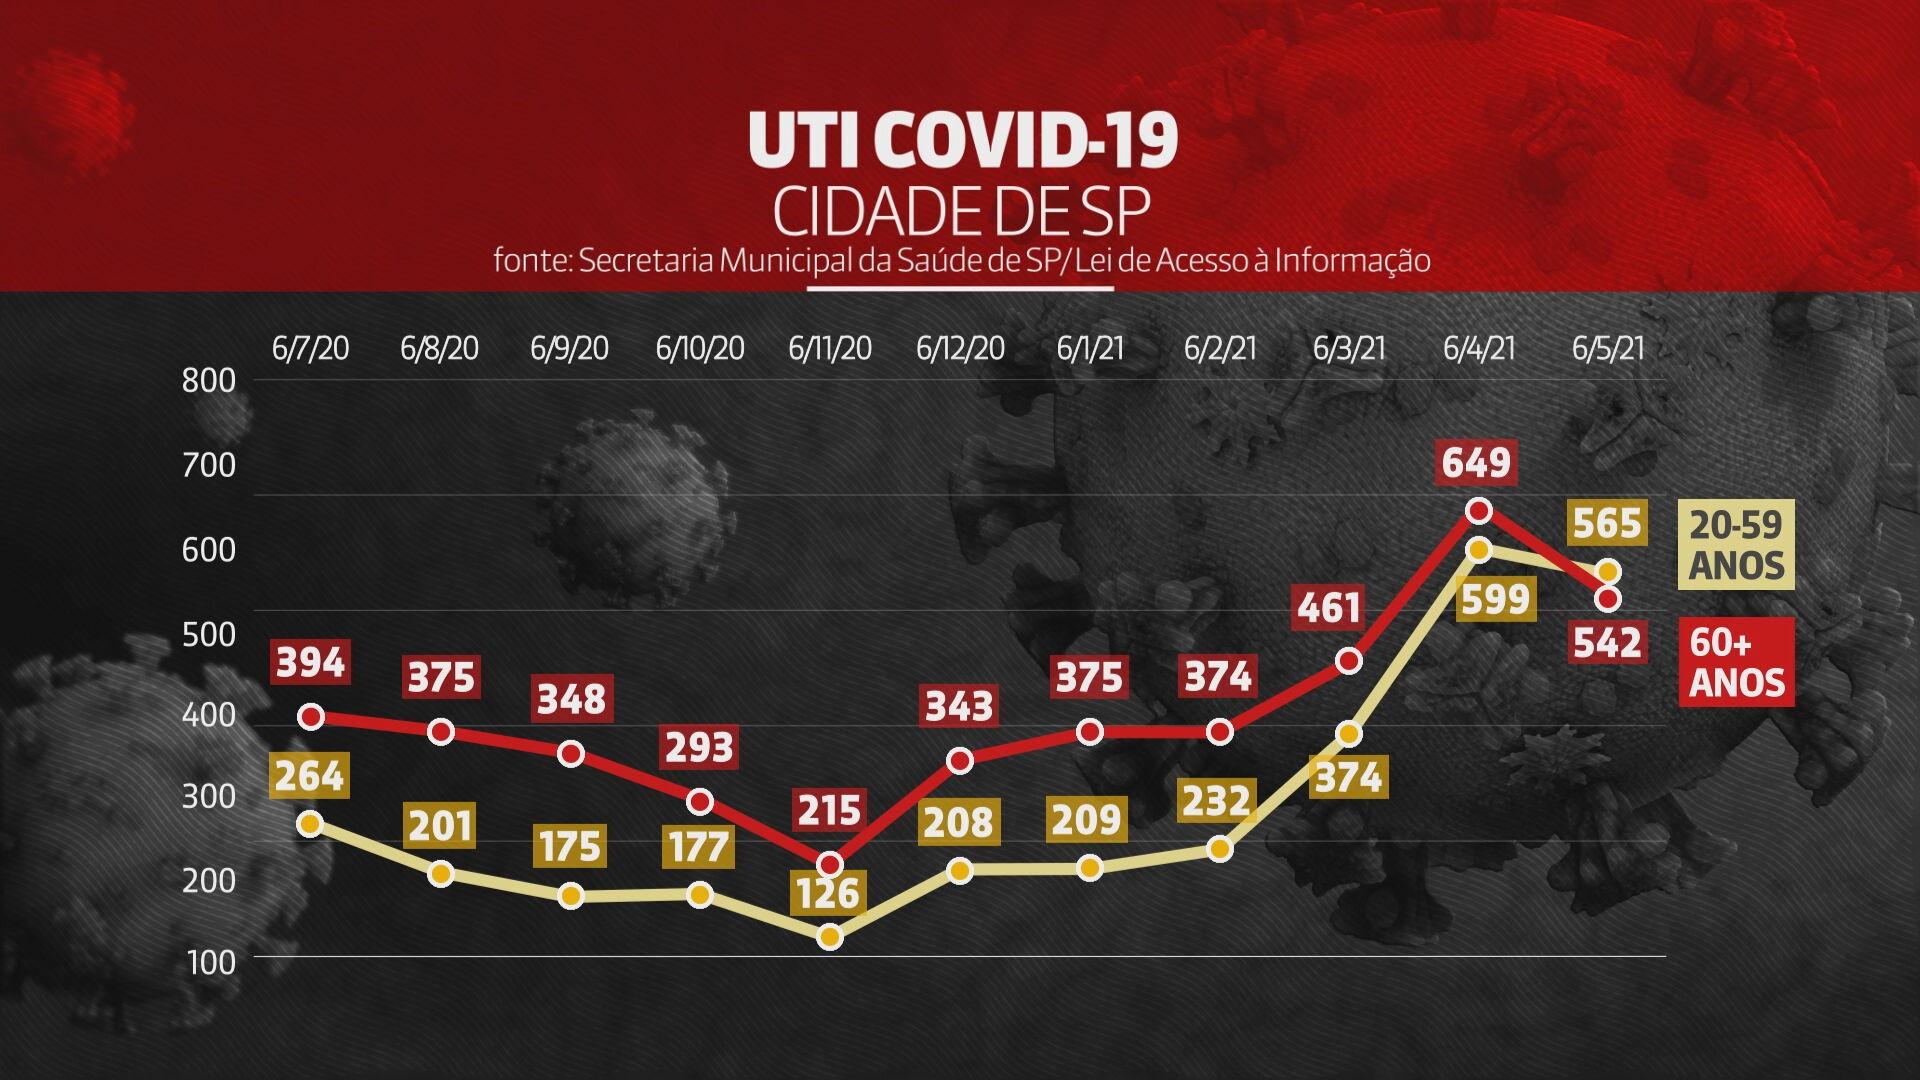 Número de pacientes de 20 a 59 anos com Covid-19 internados em UTI ultrapassa o de idosos na cidade de São Paulo